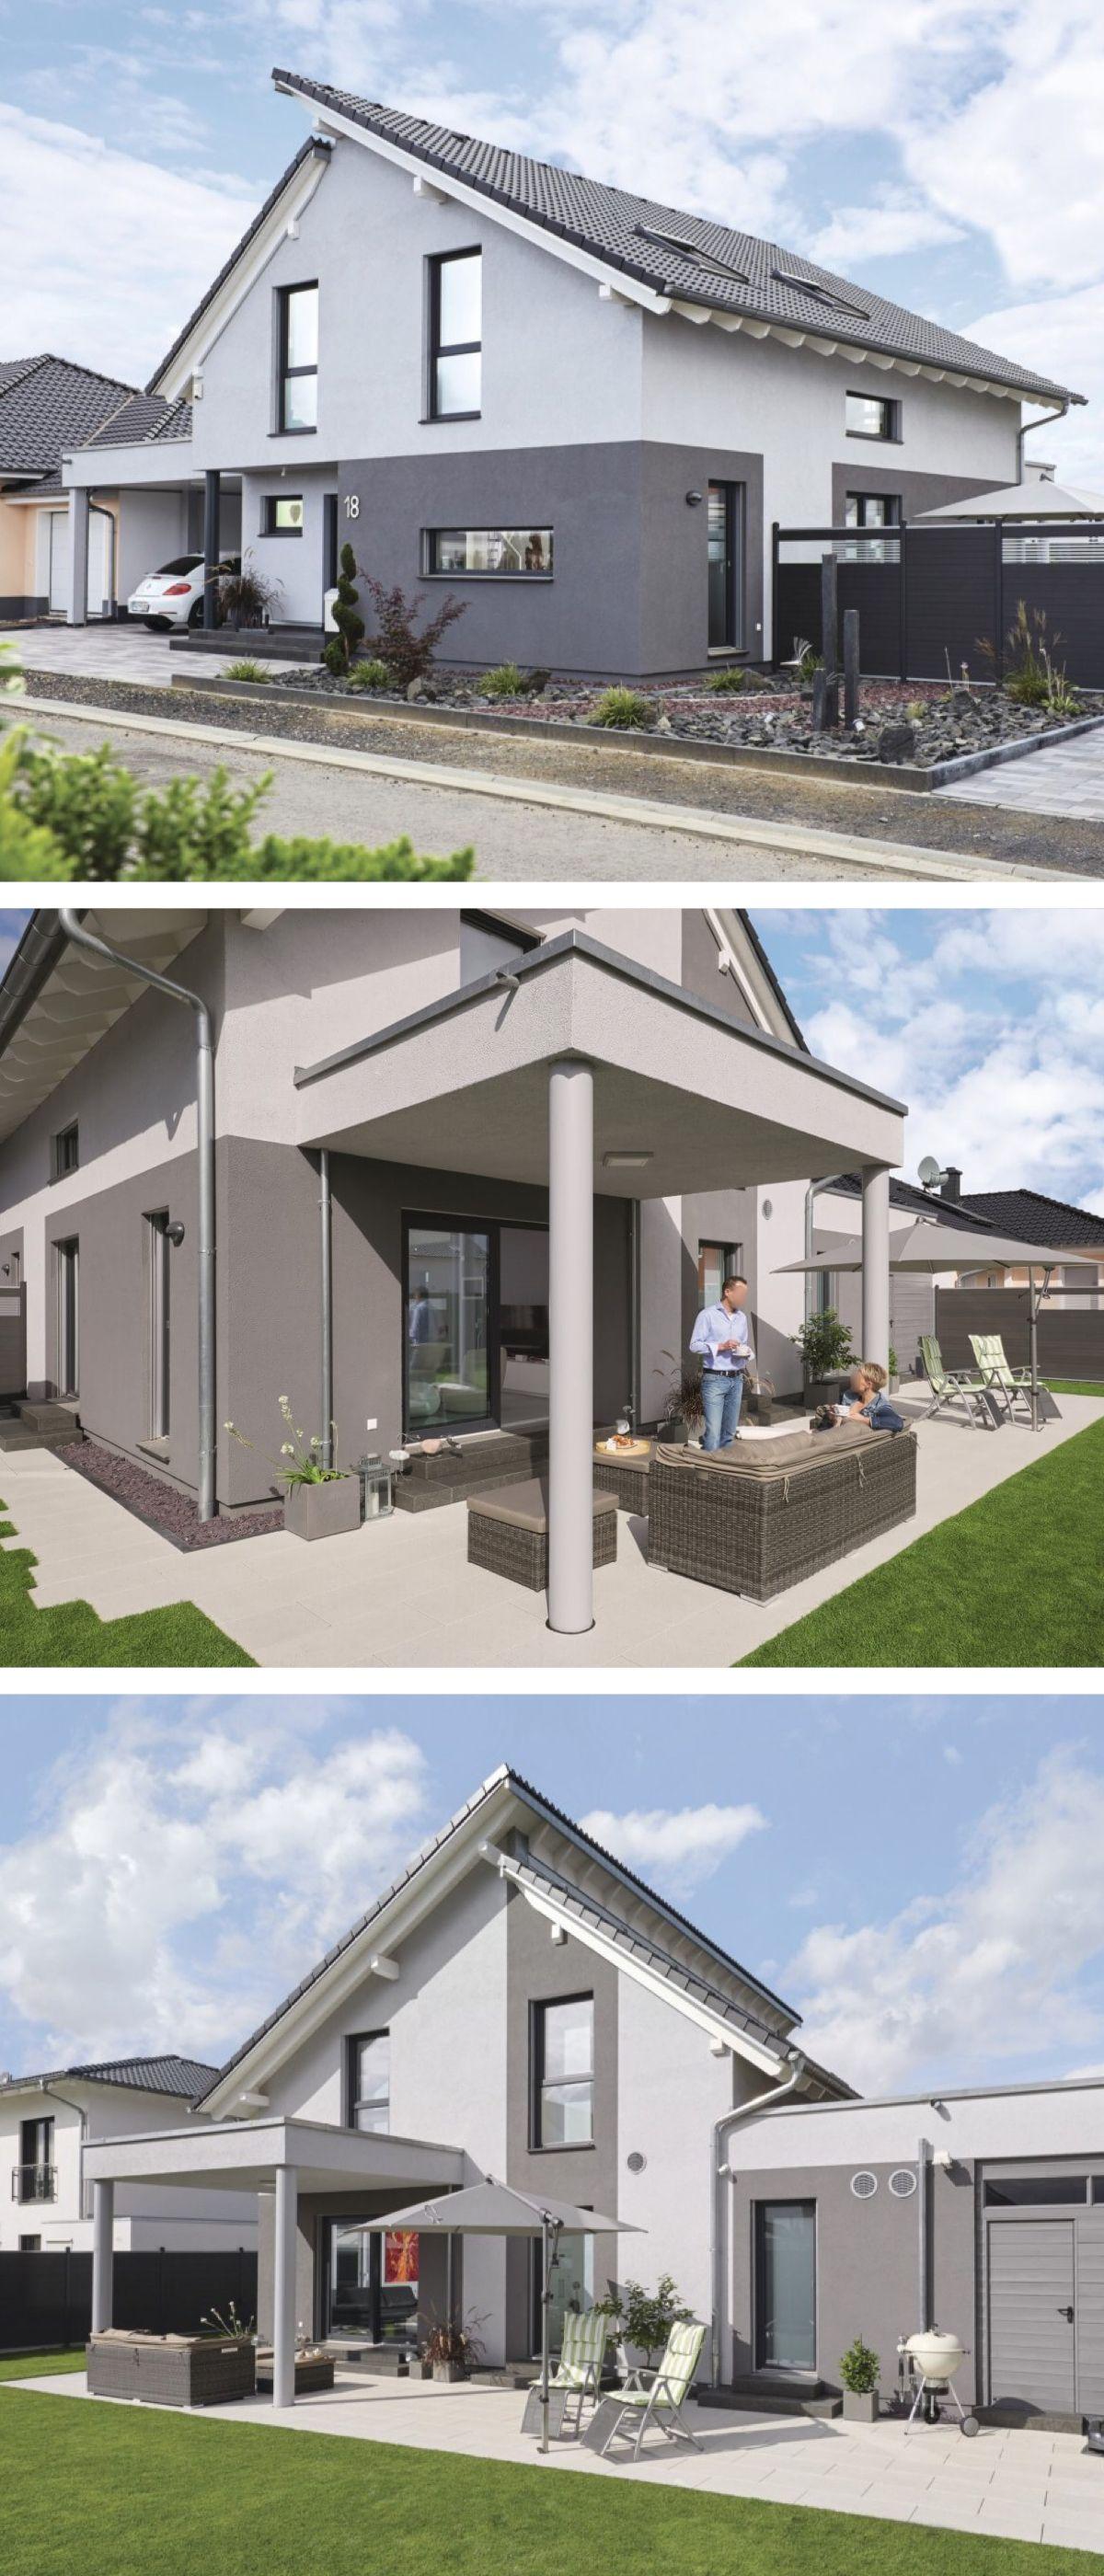 Moderne Einfamilienhaus Architektur Mit Pultdach Versetzt Galerie